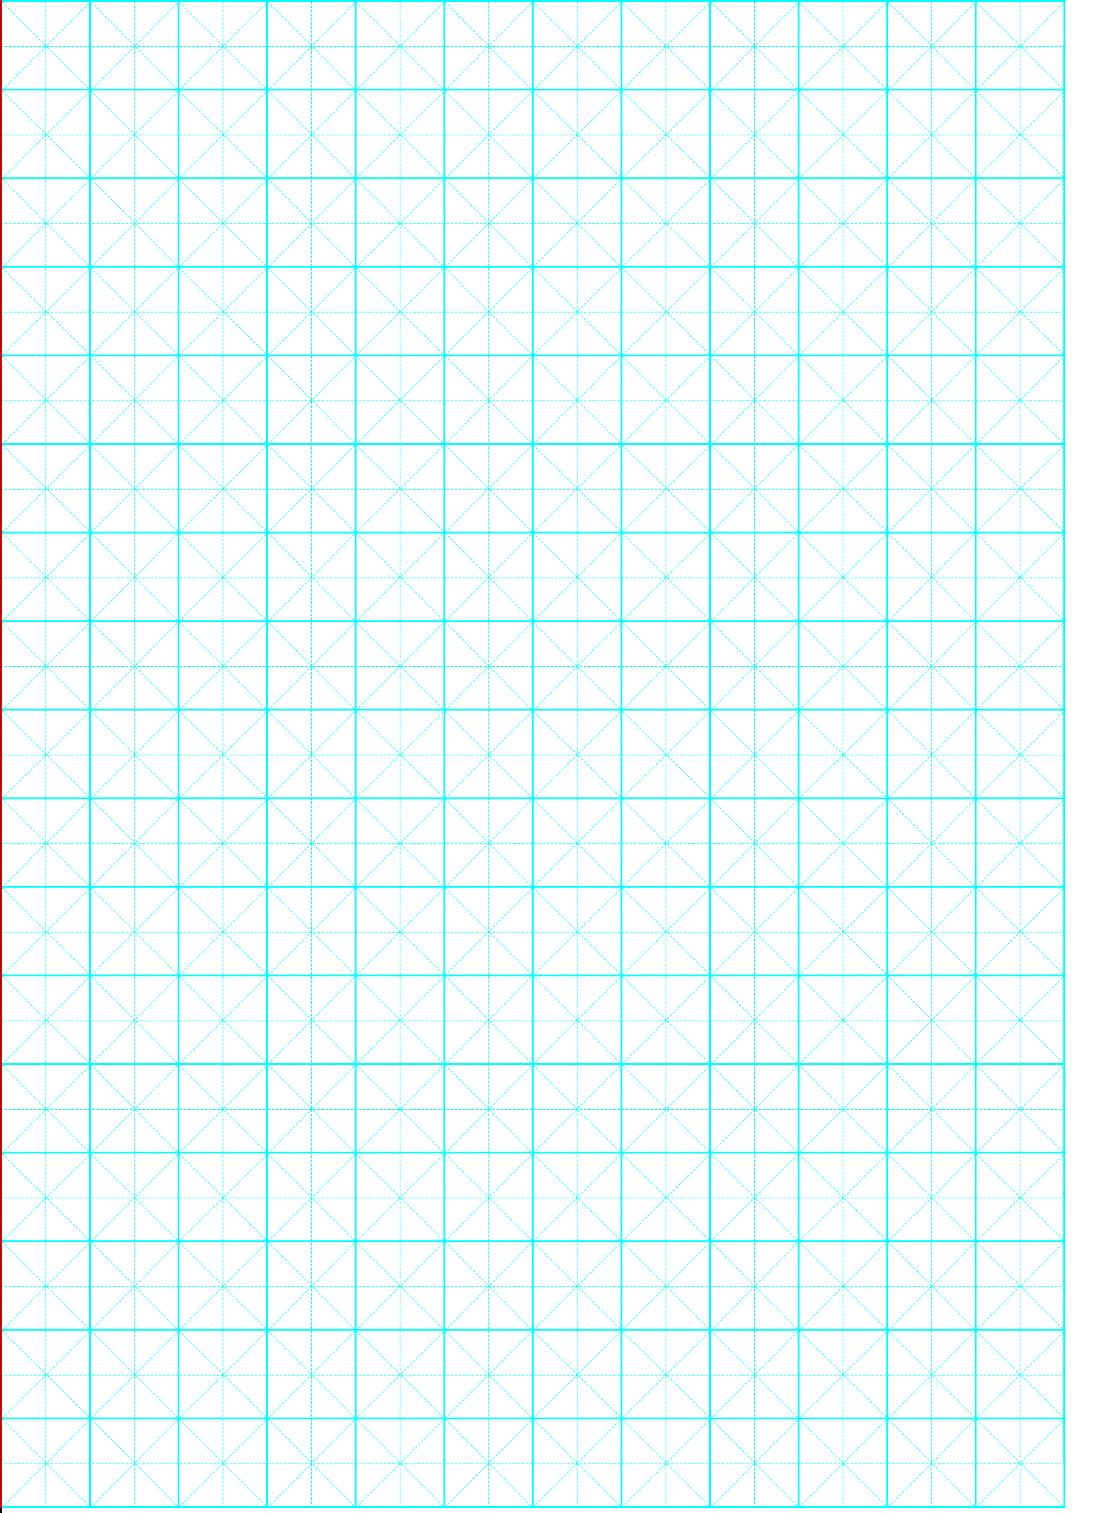 多种练字模板,适合喜欢练字的可以免费下载